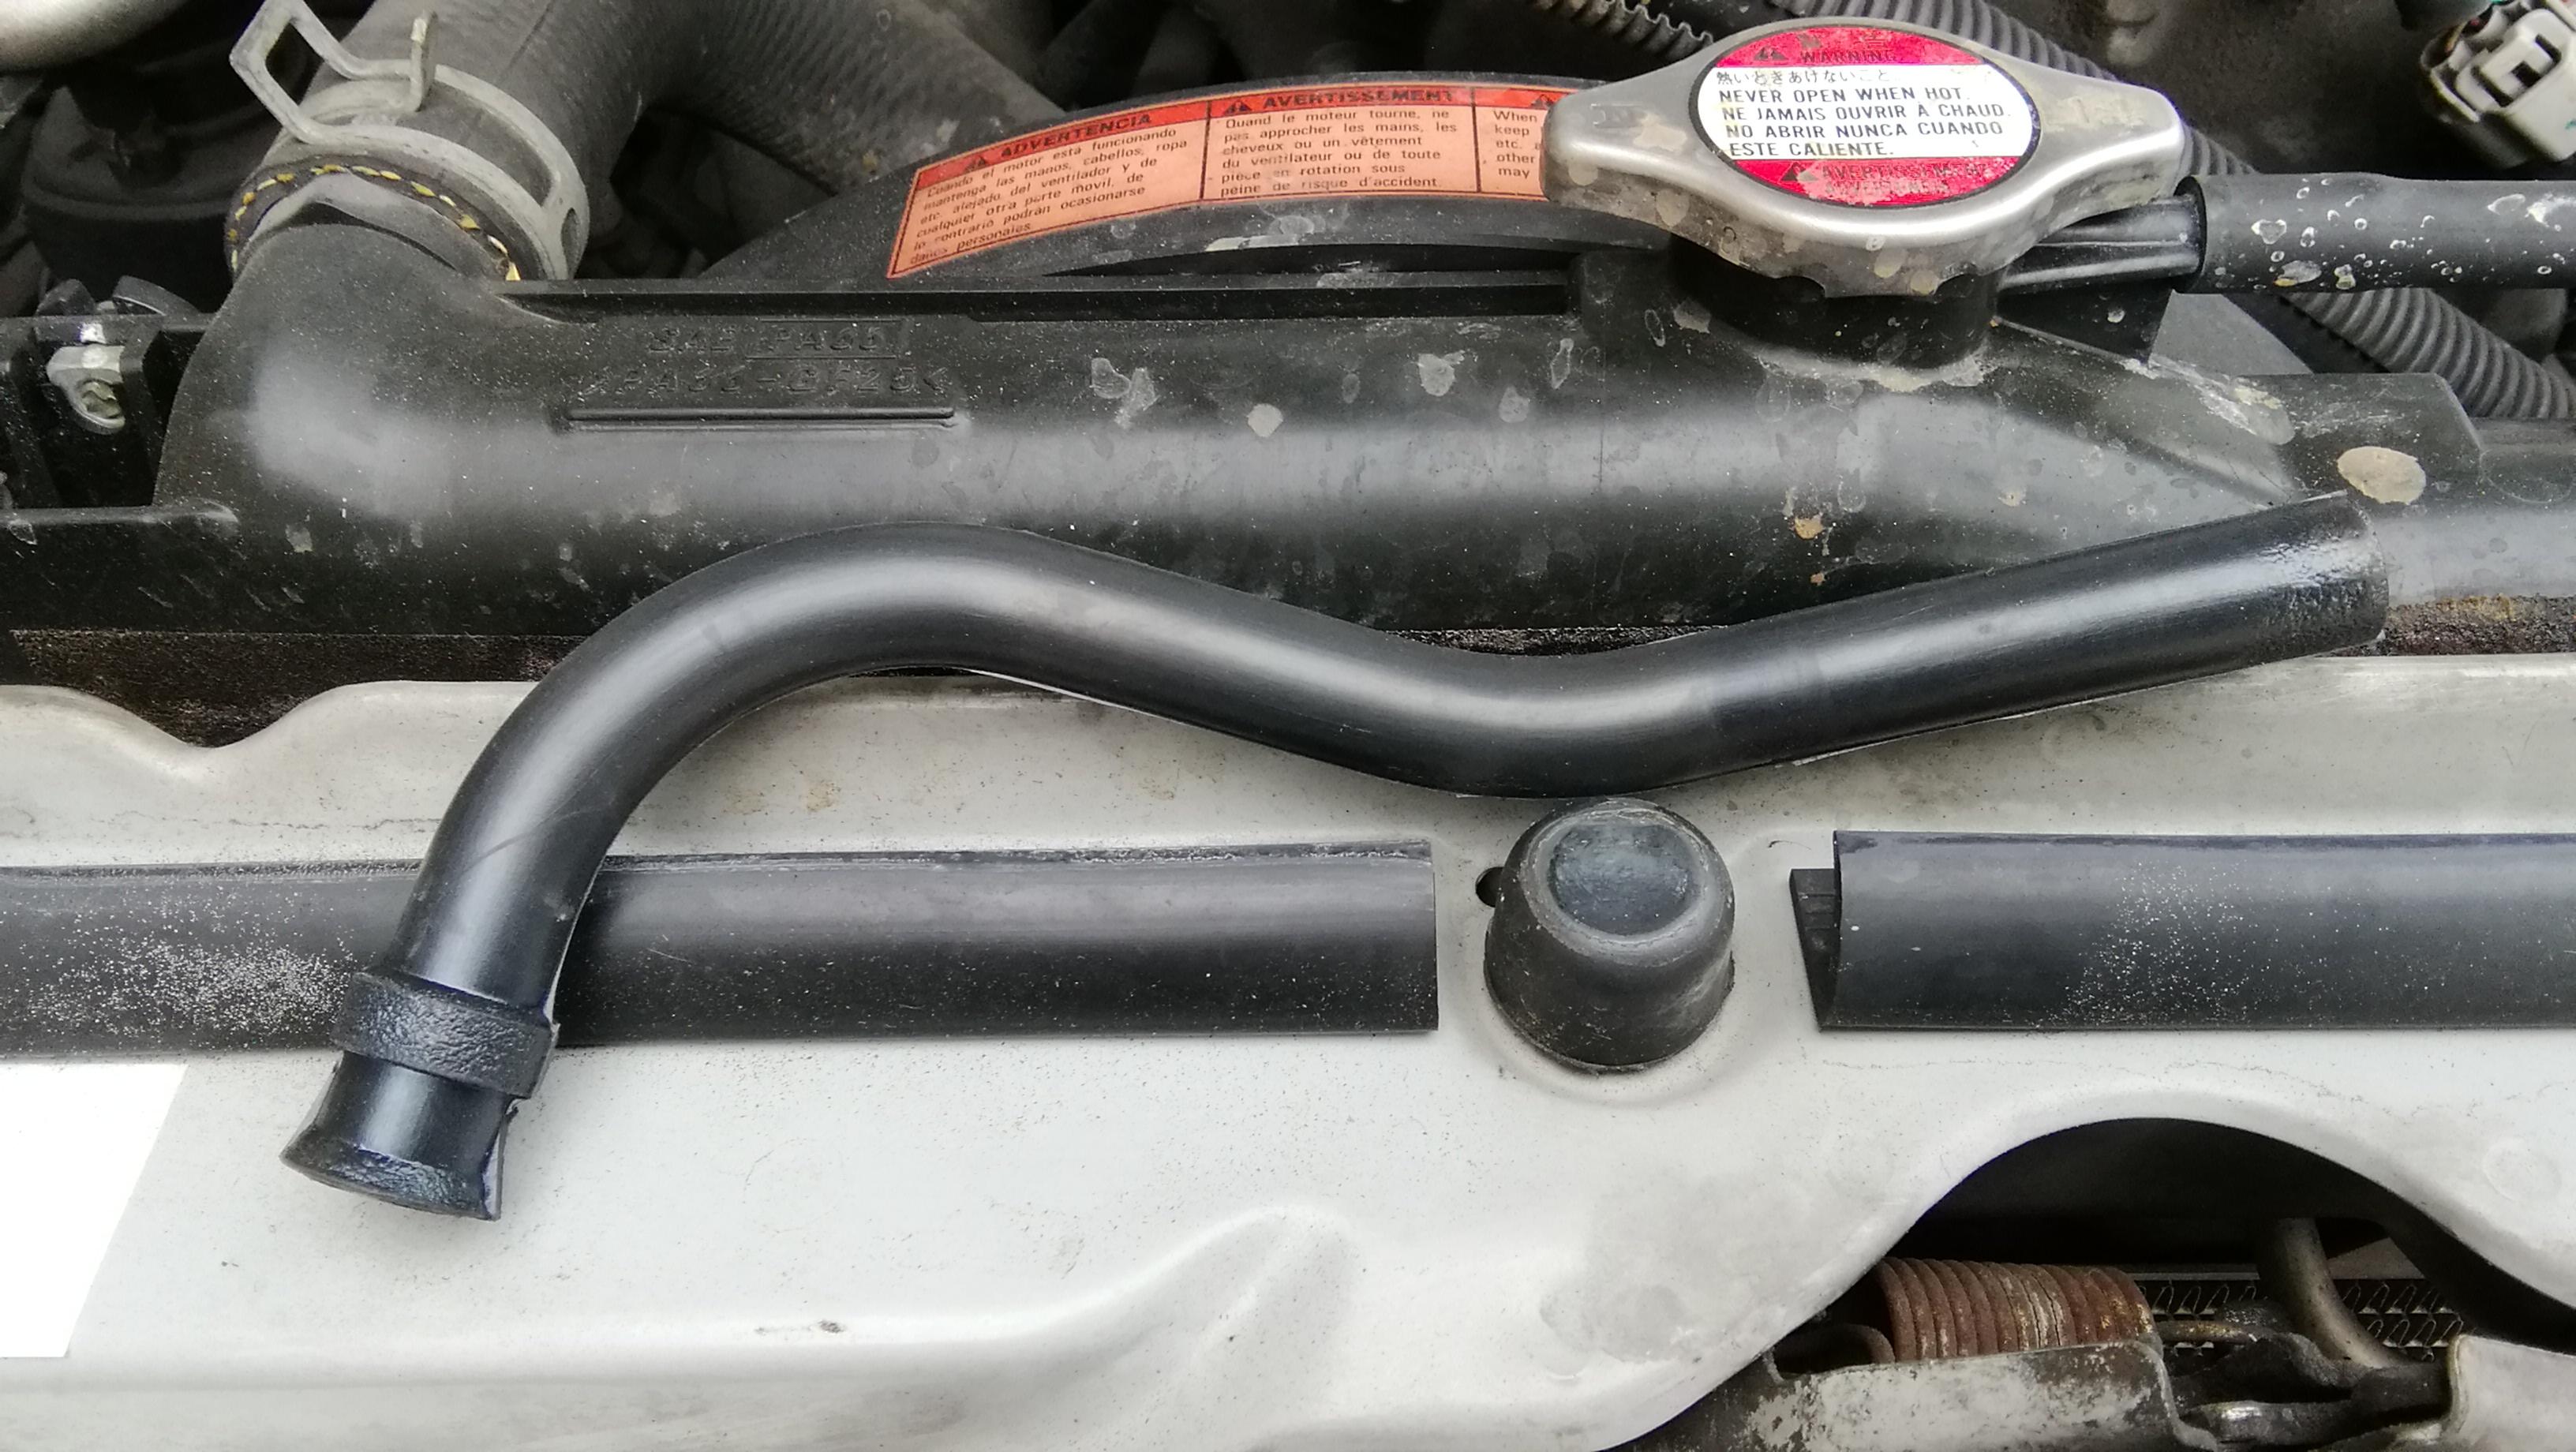 20191028 Suzuki Jimny 原廠冷氣排水管安裝 – 南邪太子-豆花